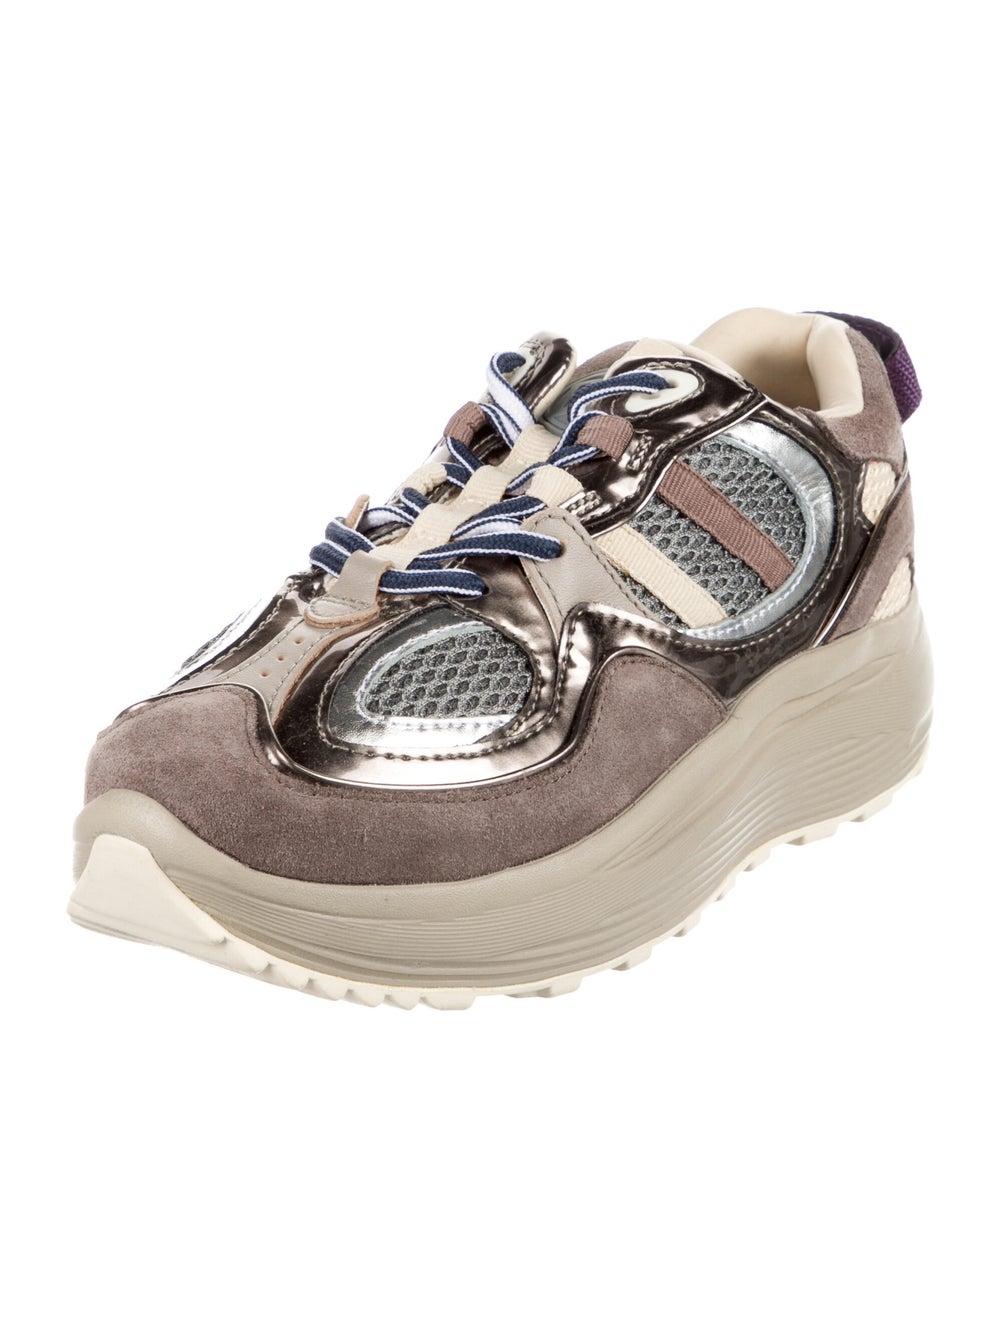 Eytys Suede Sneakers Brown - image 2